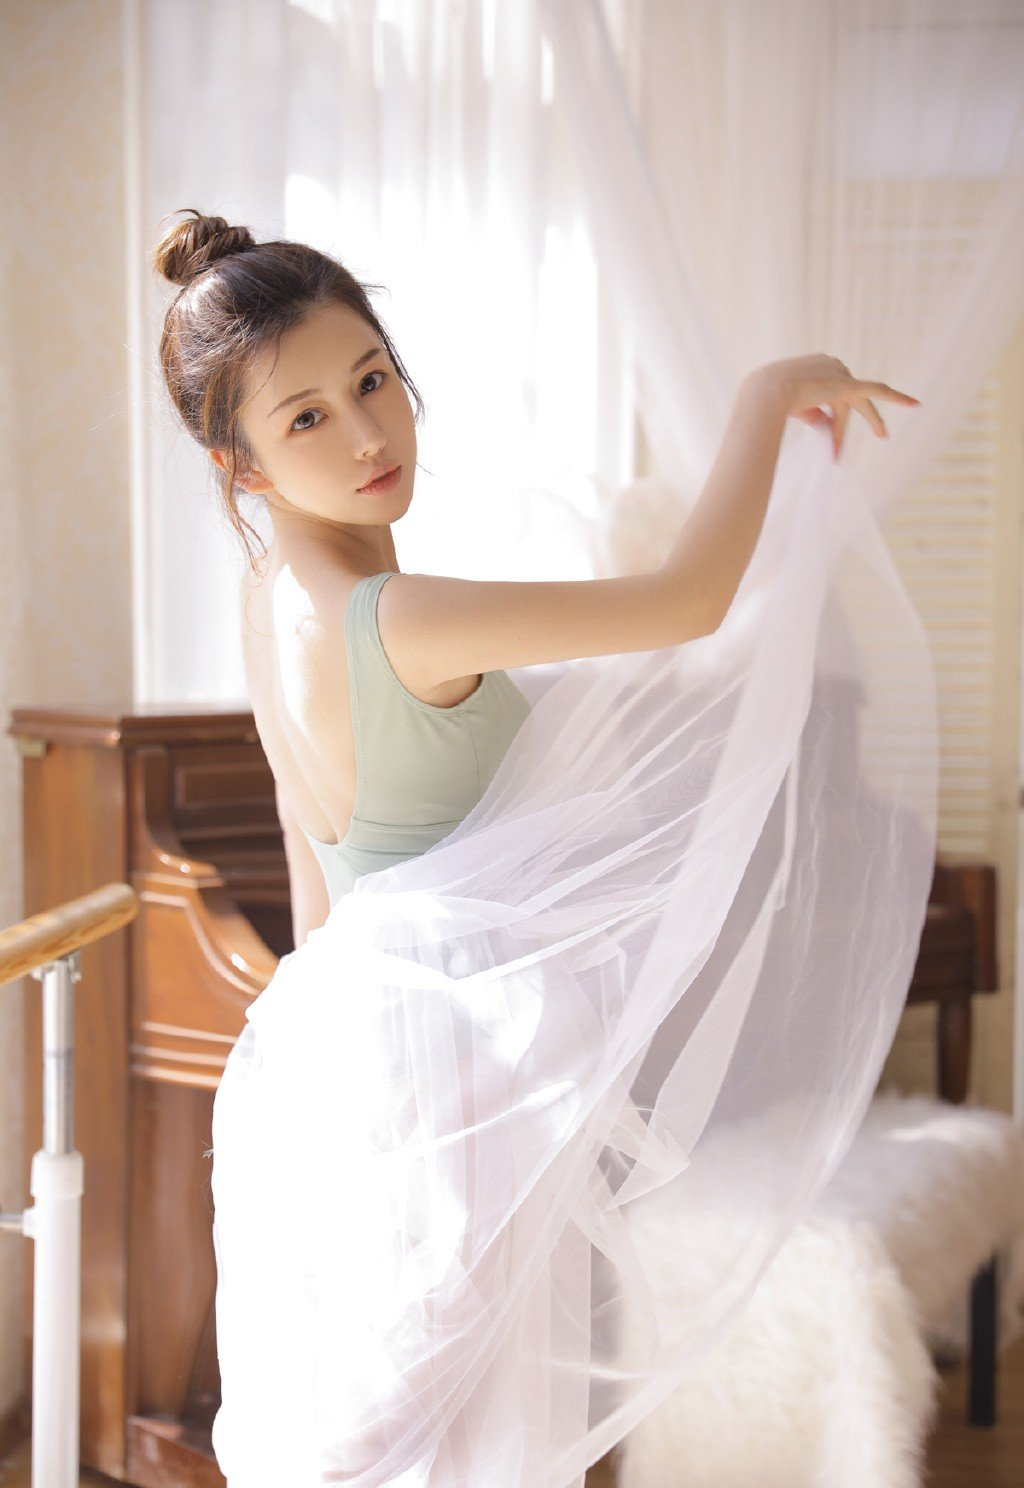 美女舞蹈老师吊带纱裙性感迷人写真